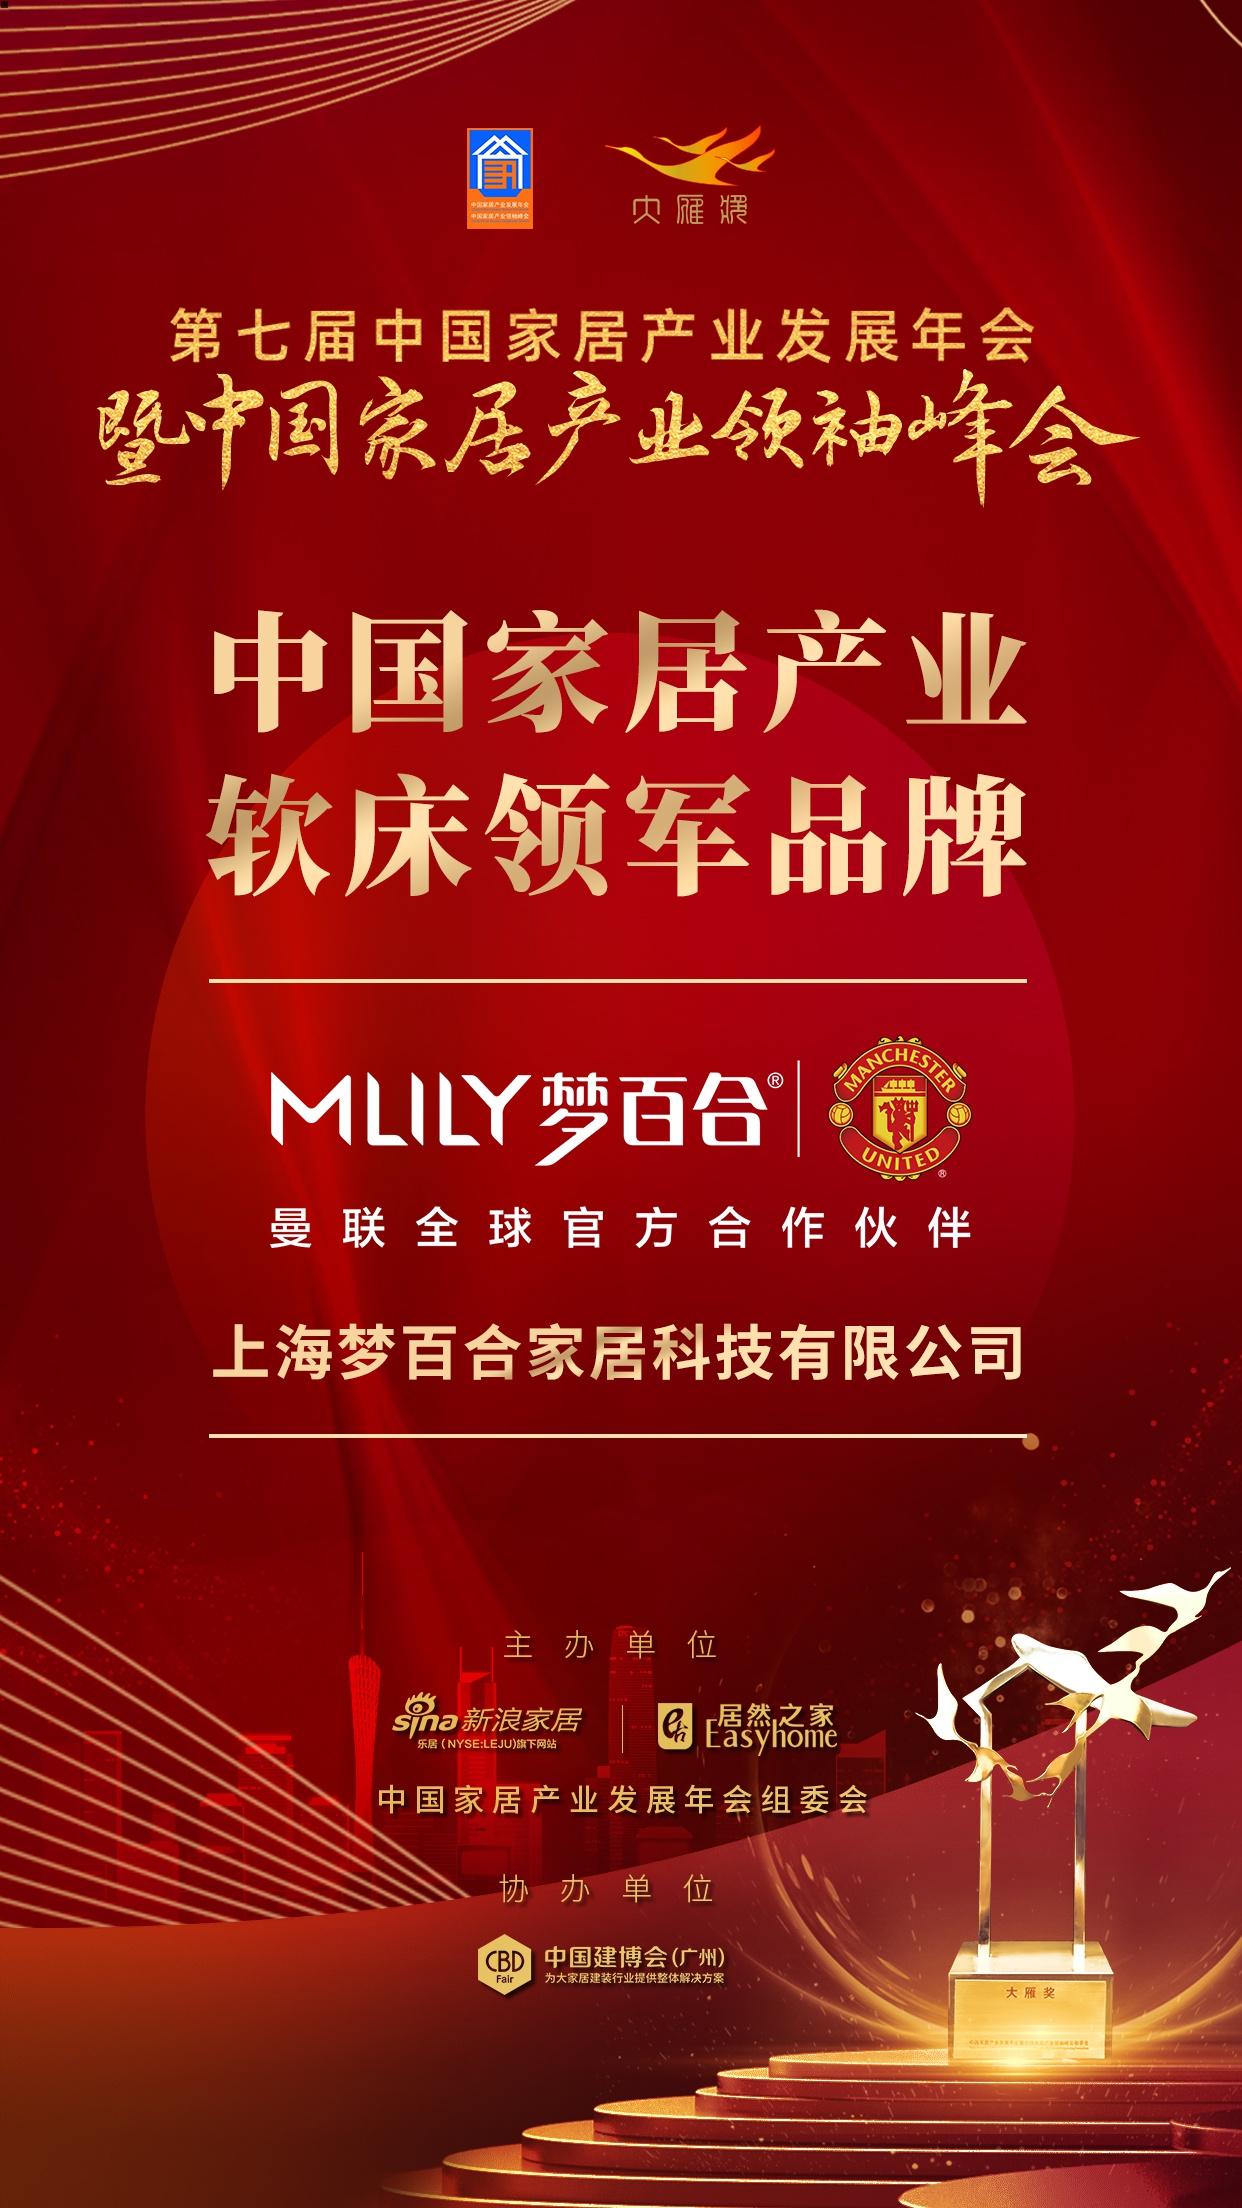 2020大雁奖揭晓:梦百合获中国家居产业软床领军品牌奖